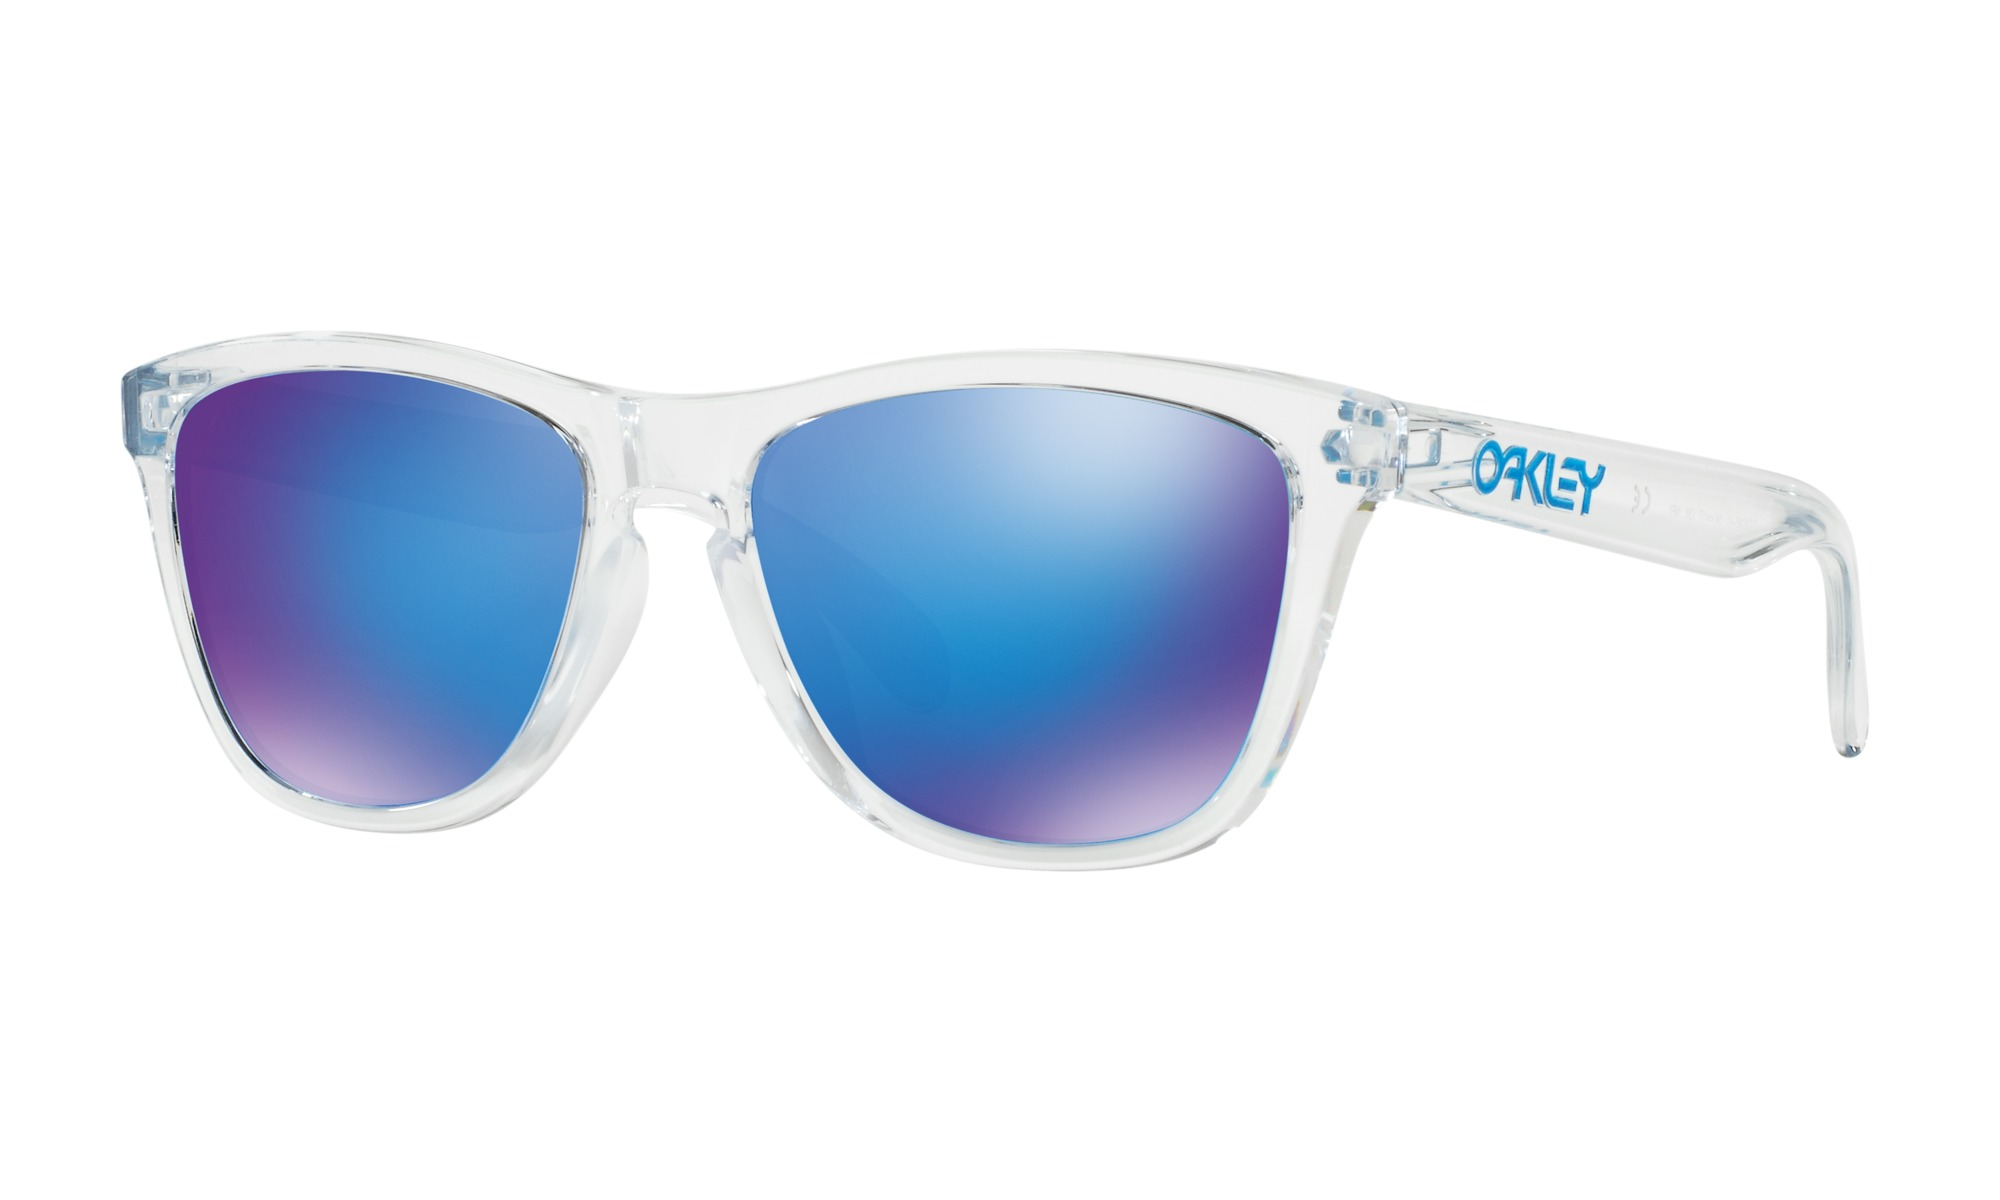 OAKLEY FROGSKINS OO9245-41 BLUE MIRROR (Asian fit)